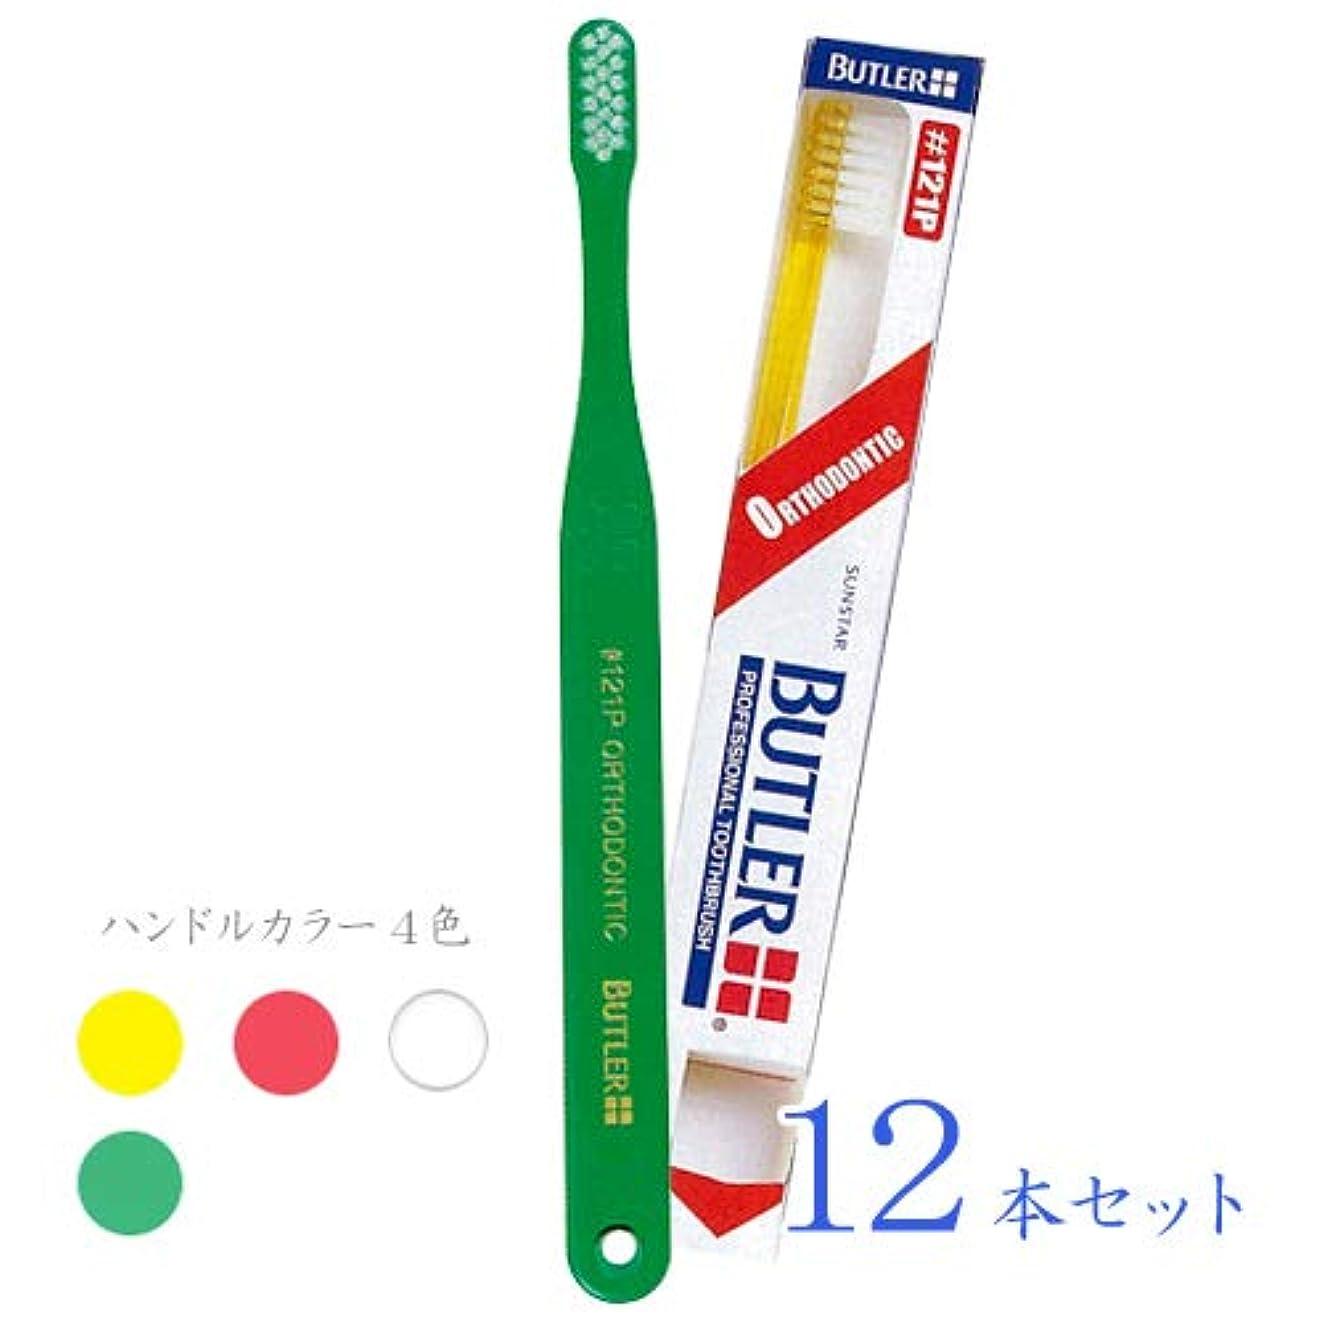 促進するナインへ彼自身バトラー 歯ブラシ #121P 12本入